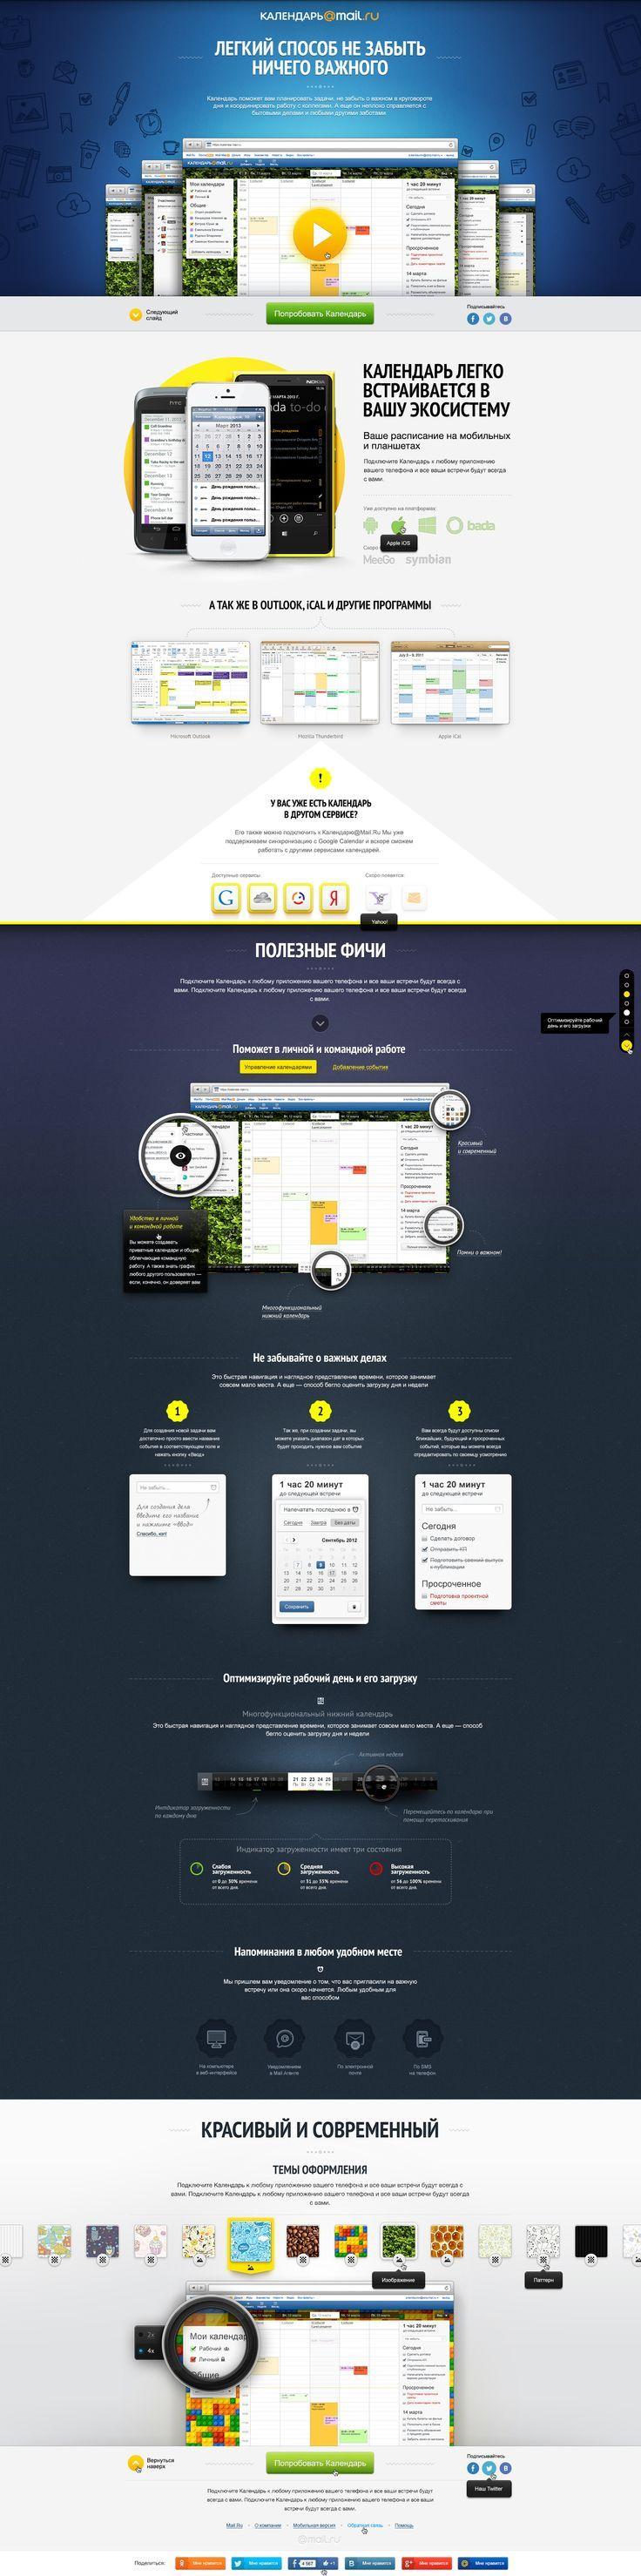 Flat Website design examples (23)